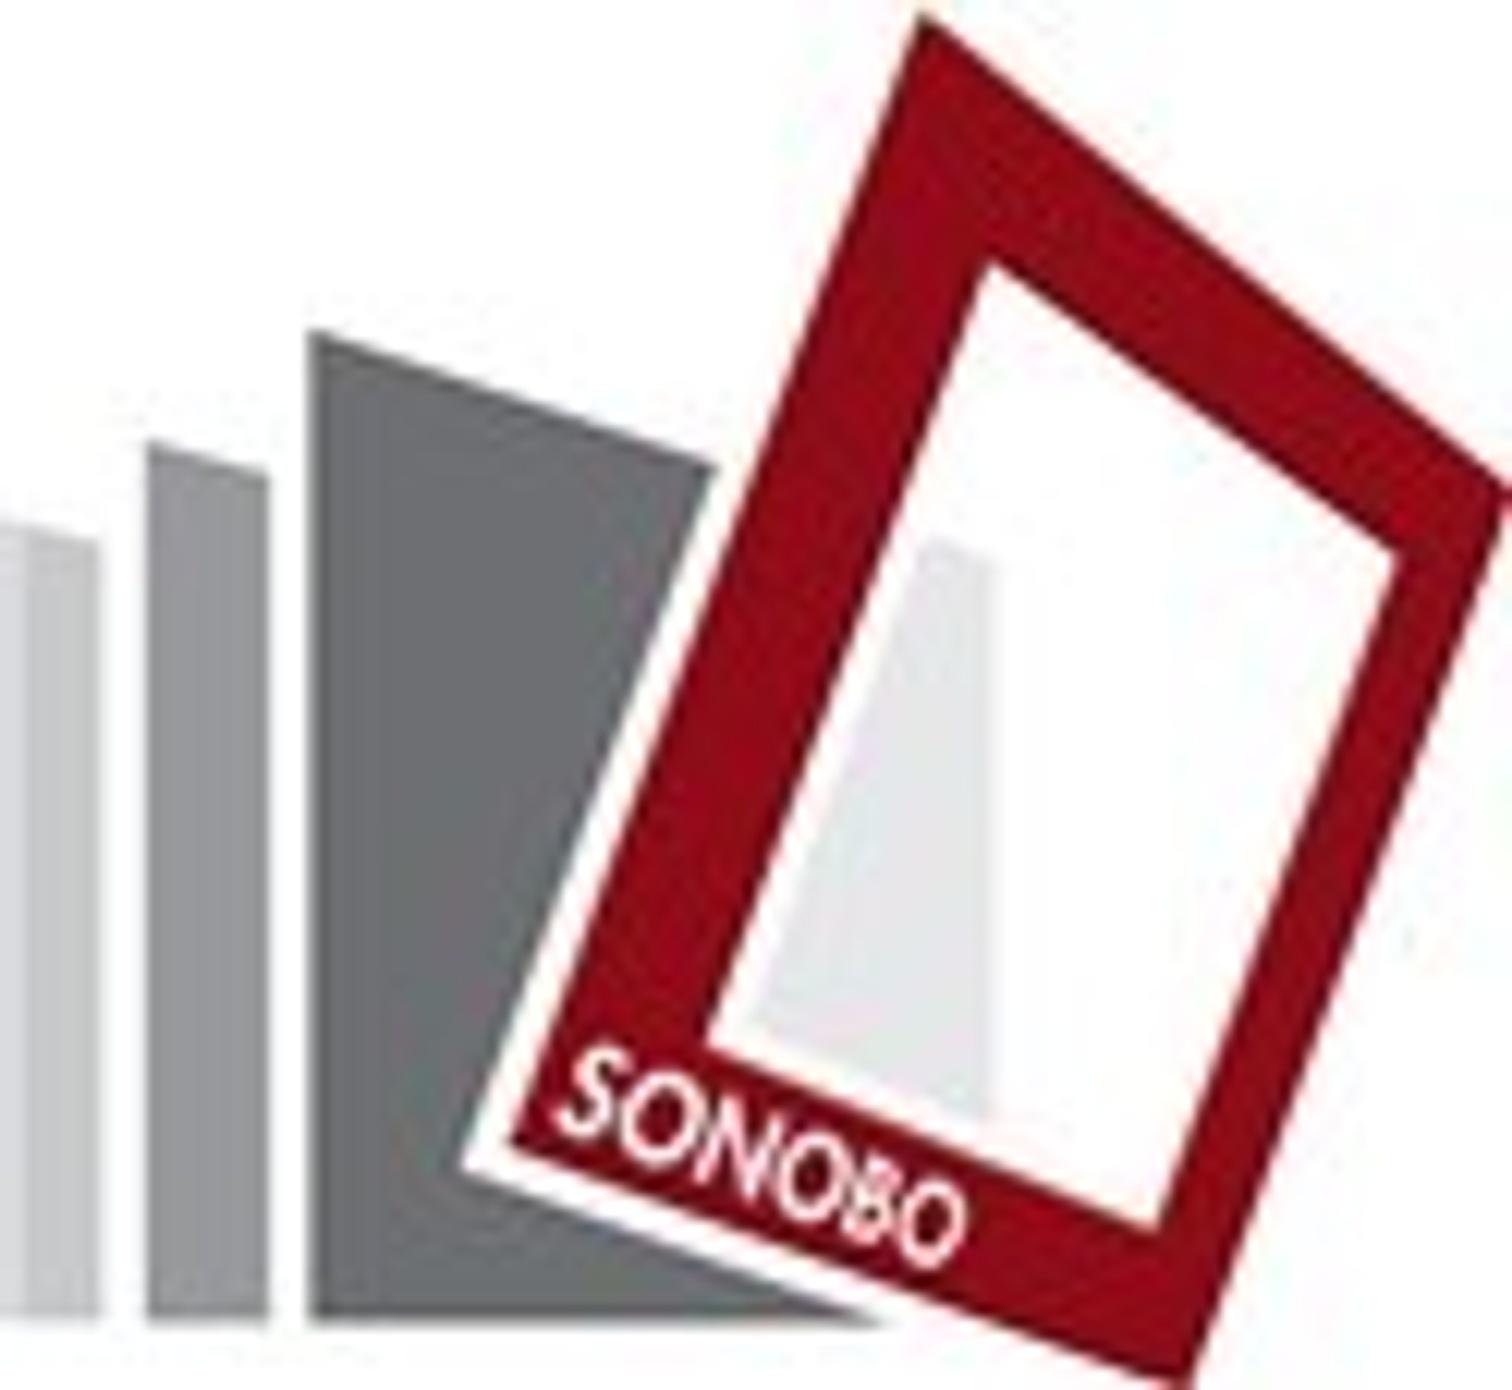 Sonobo Nazareth bvba logo